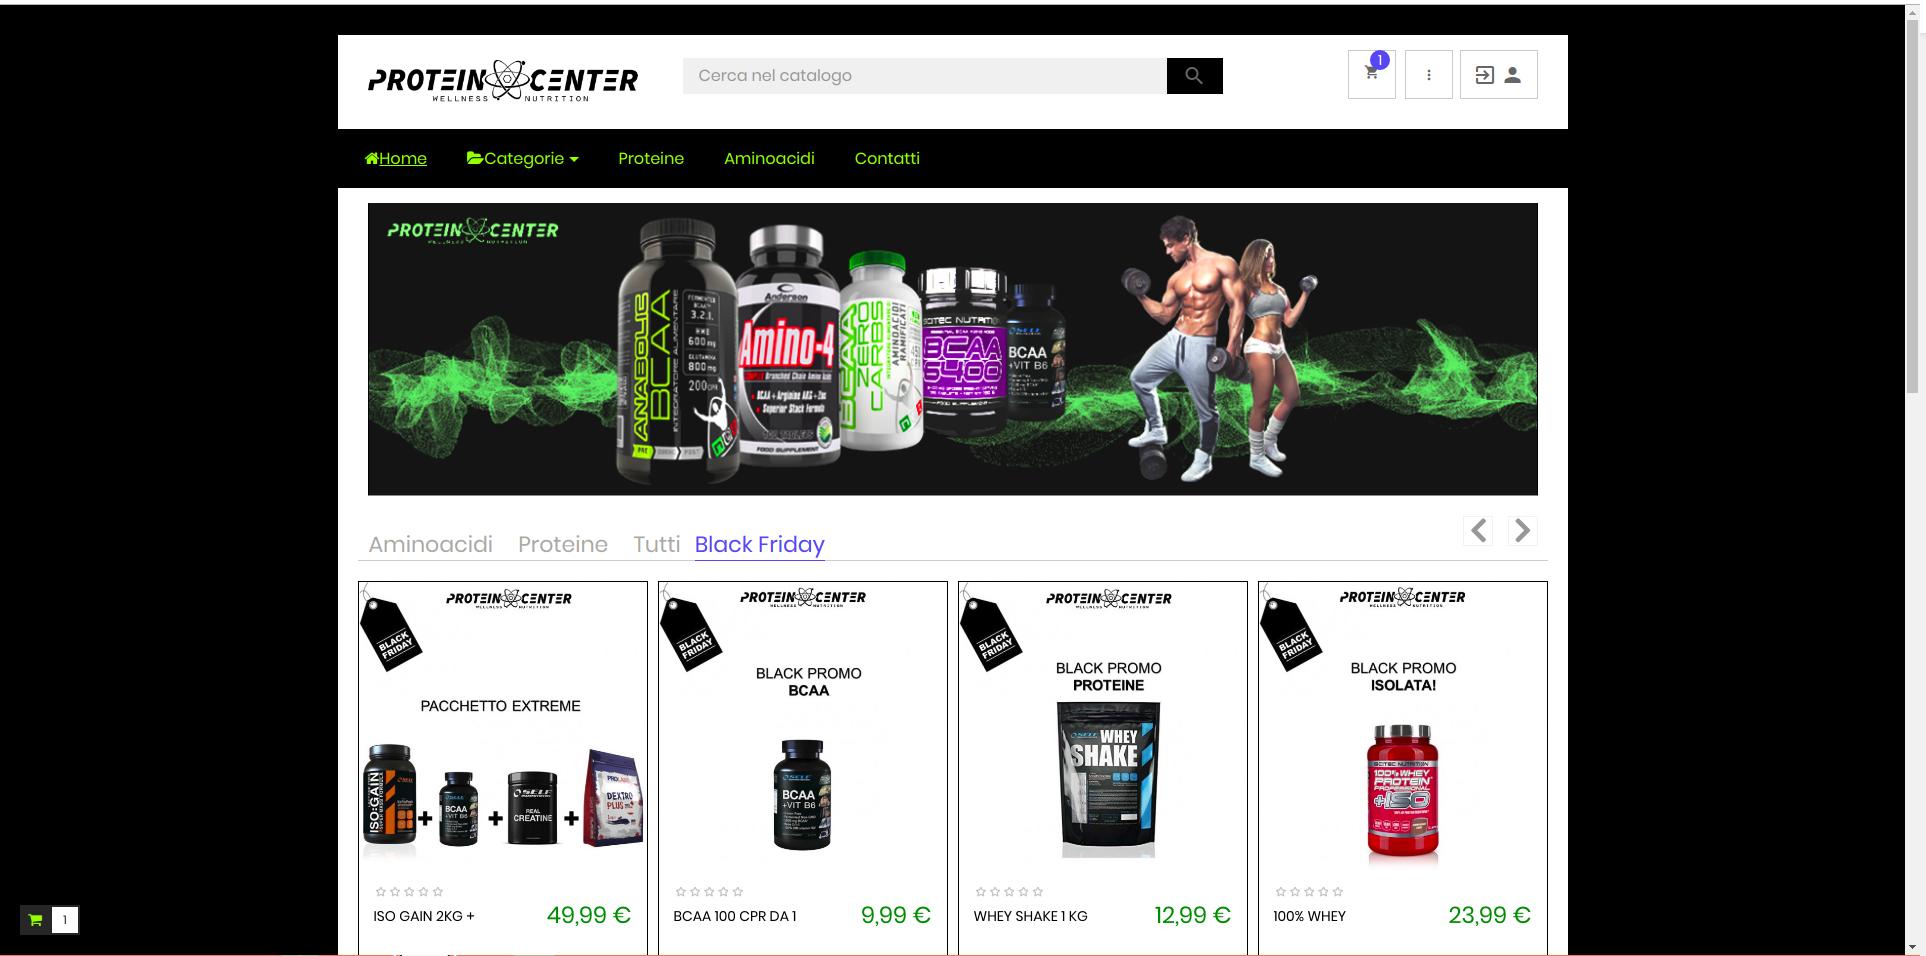 Protein Center